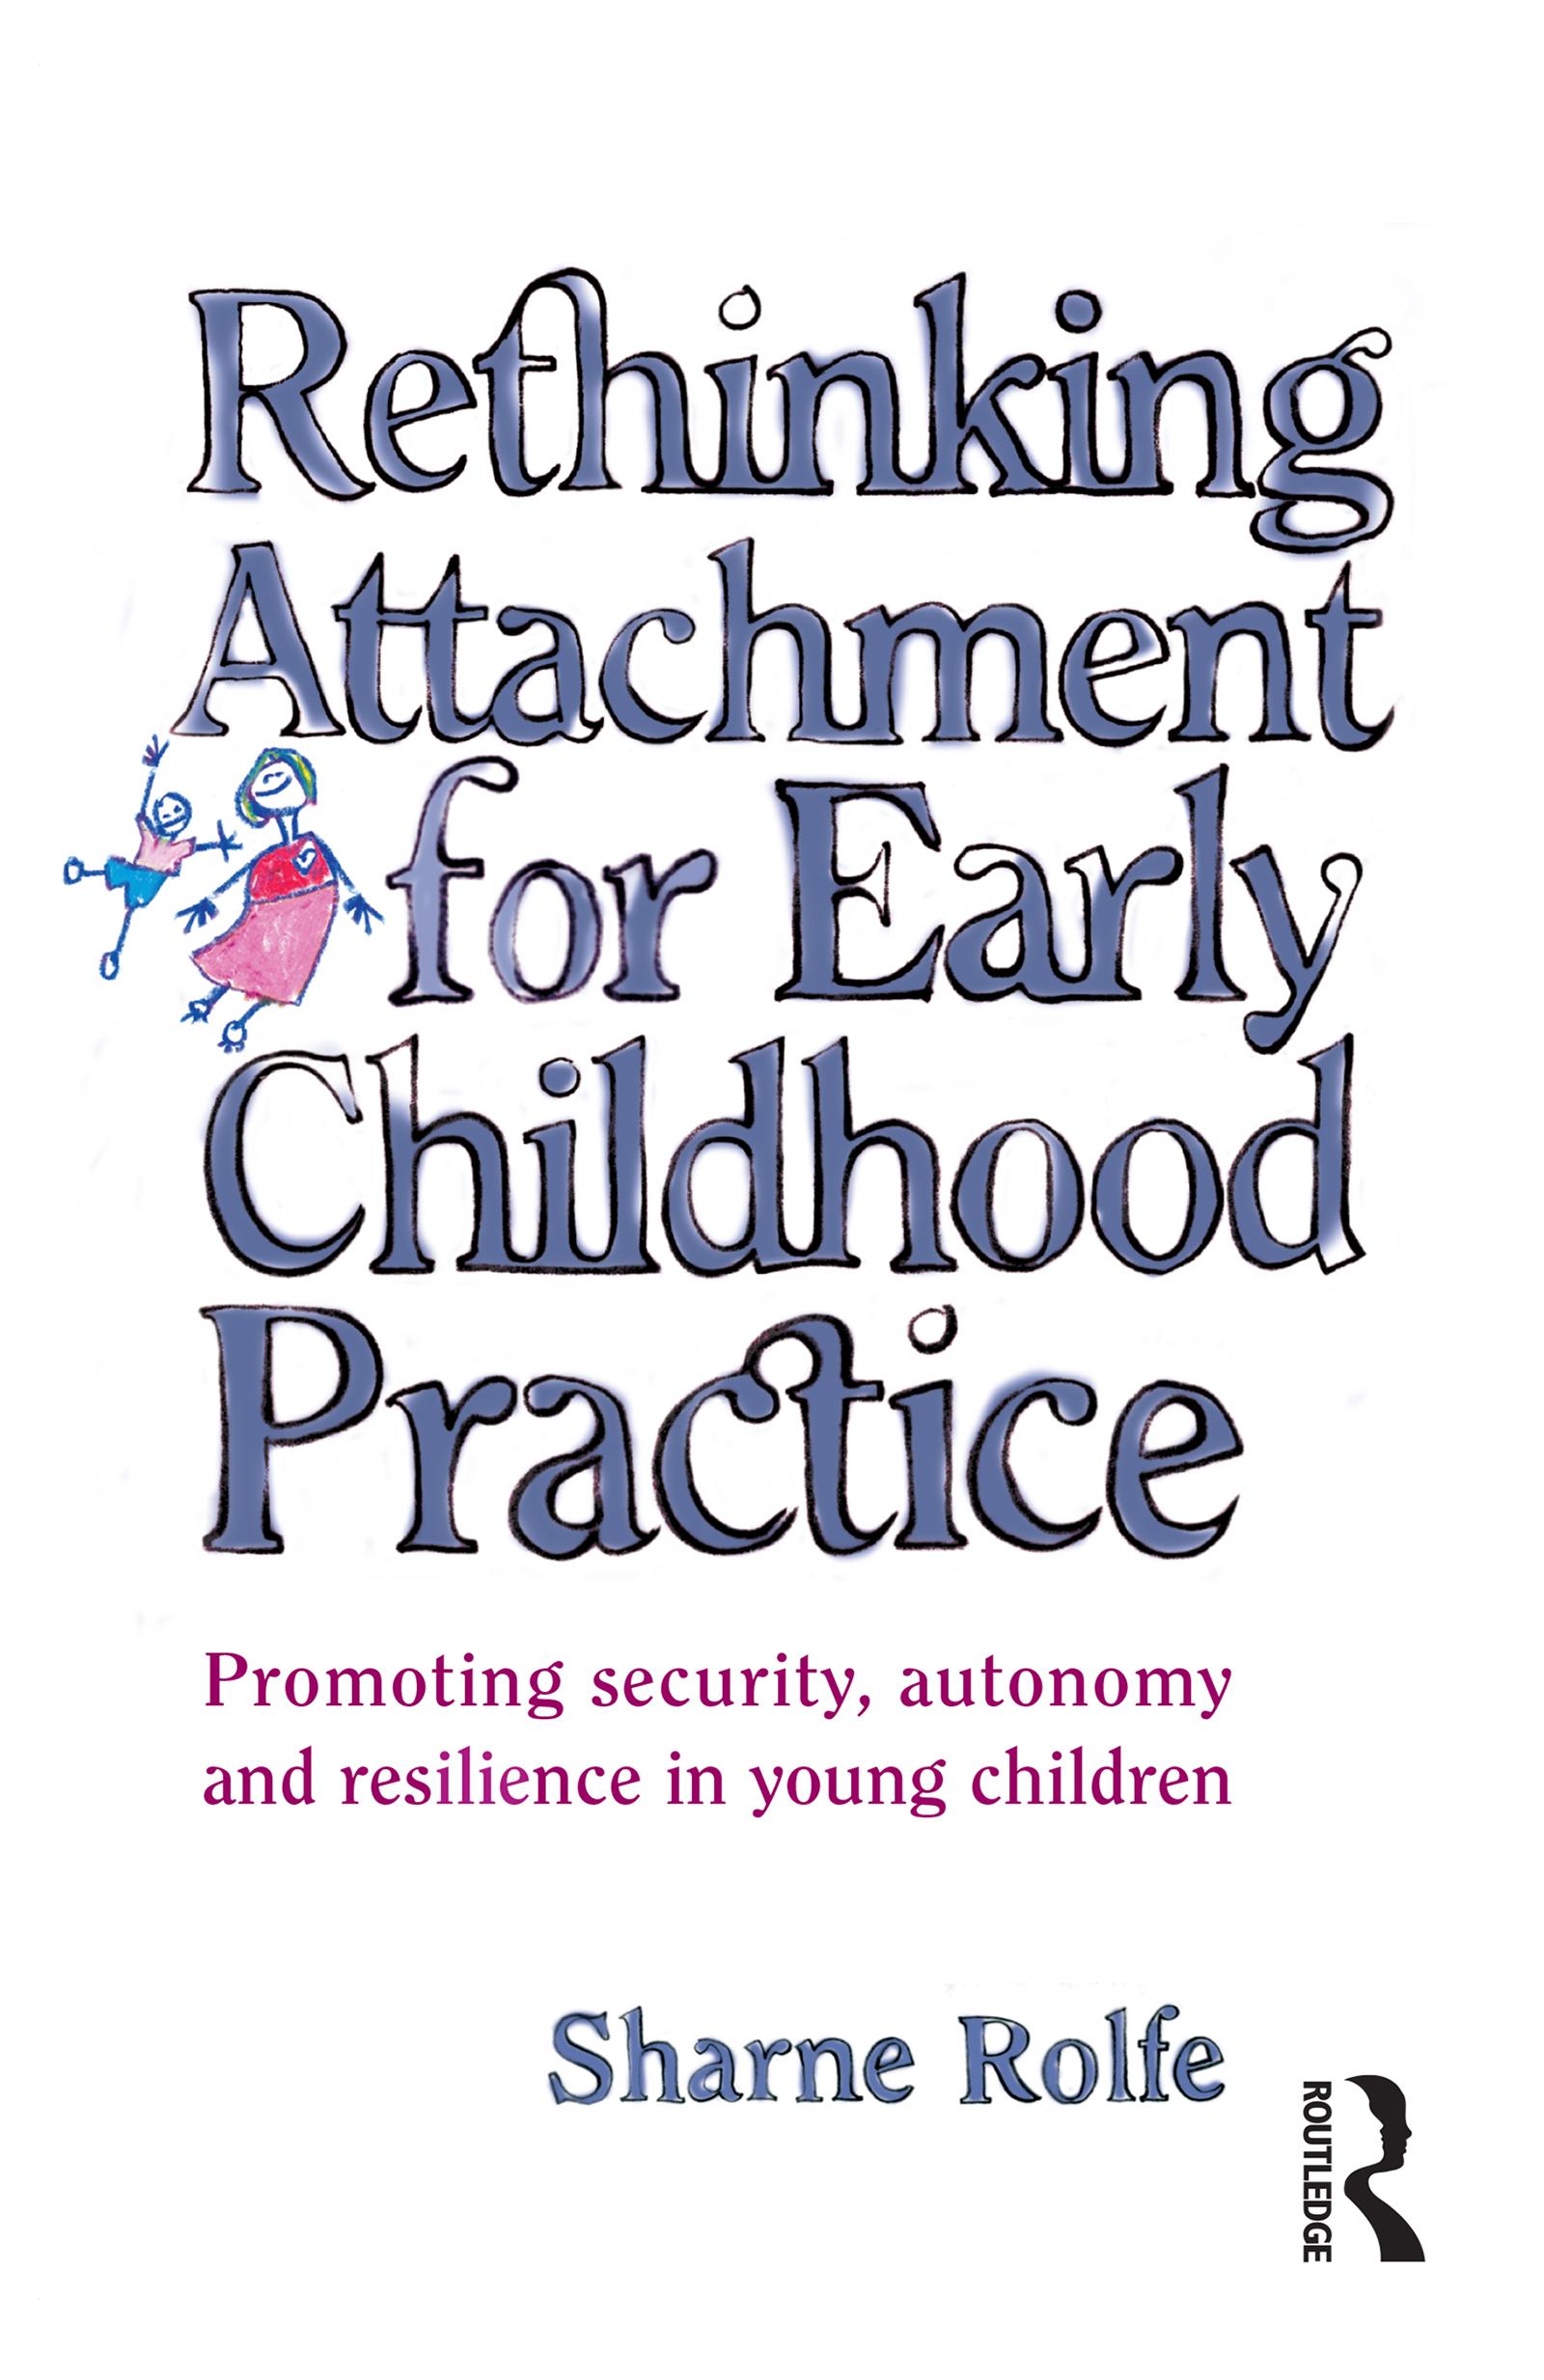 Infancy: Developing trust